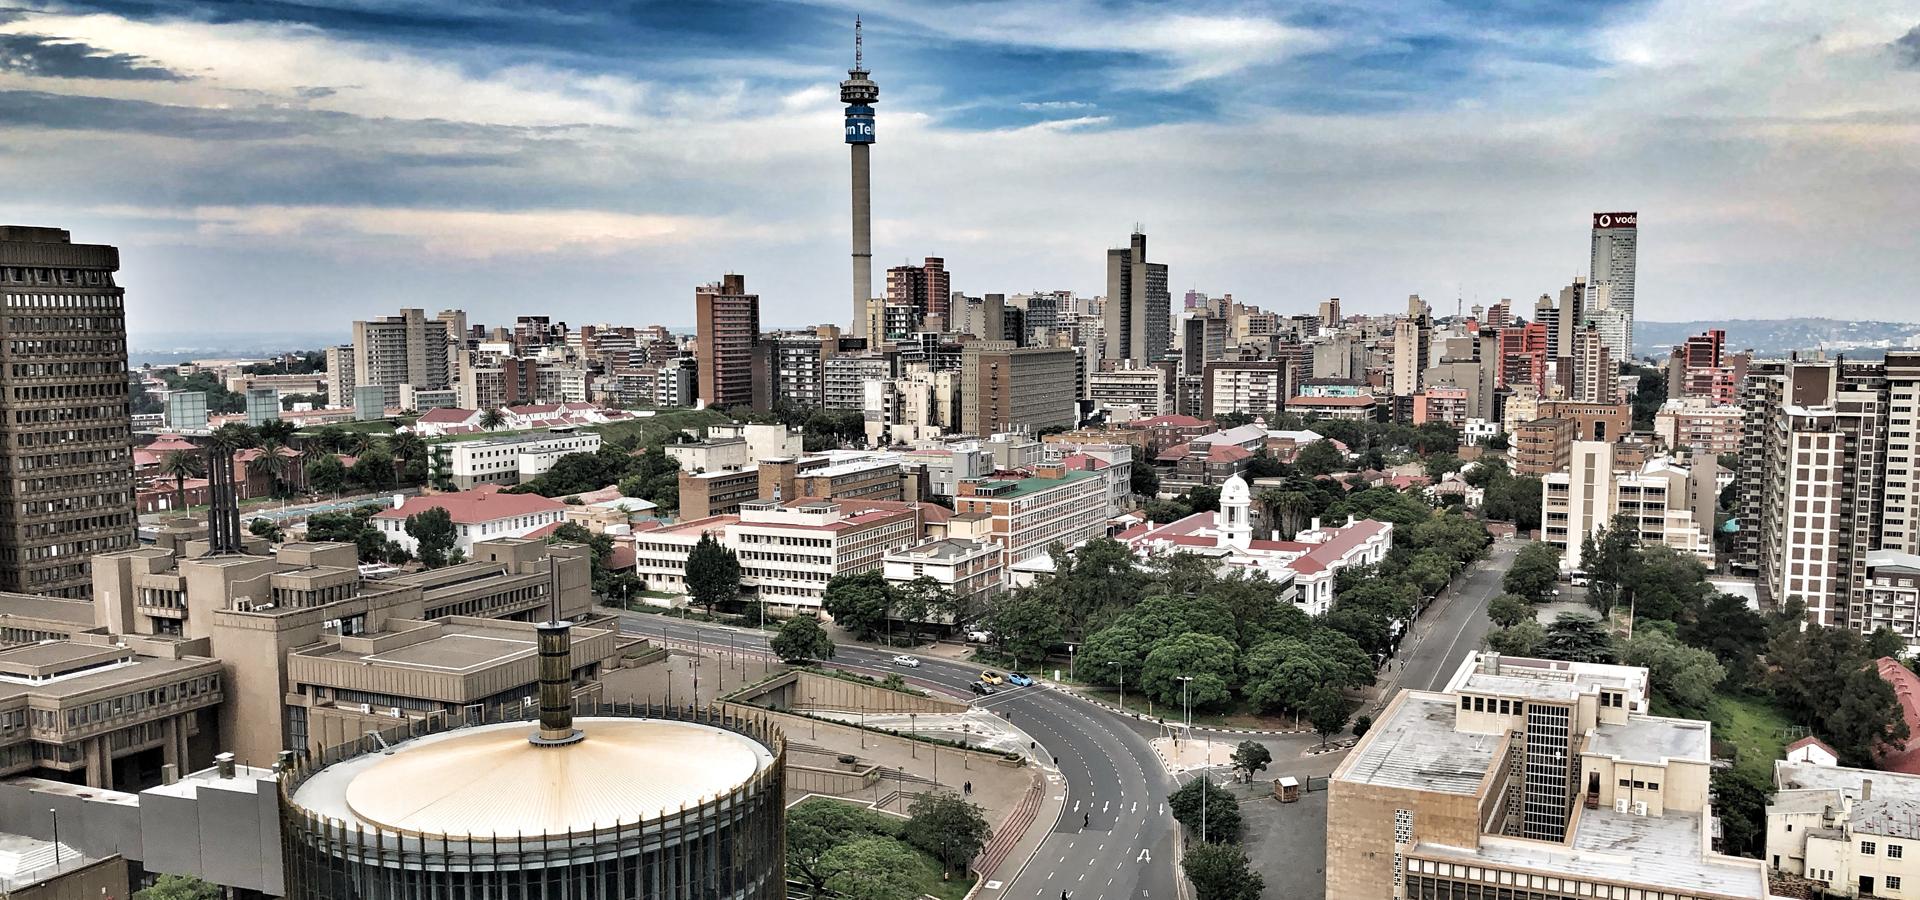 Peer-to-peer advisory in Johannesburg, Gauteng, South Africa